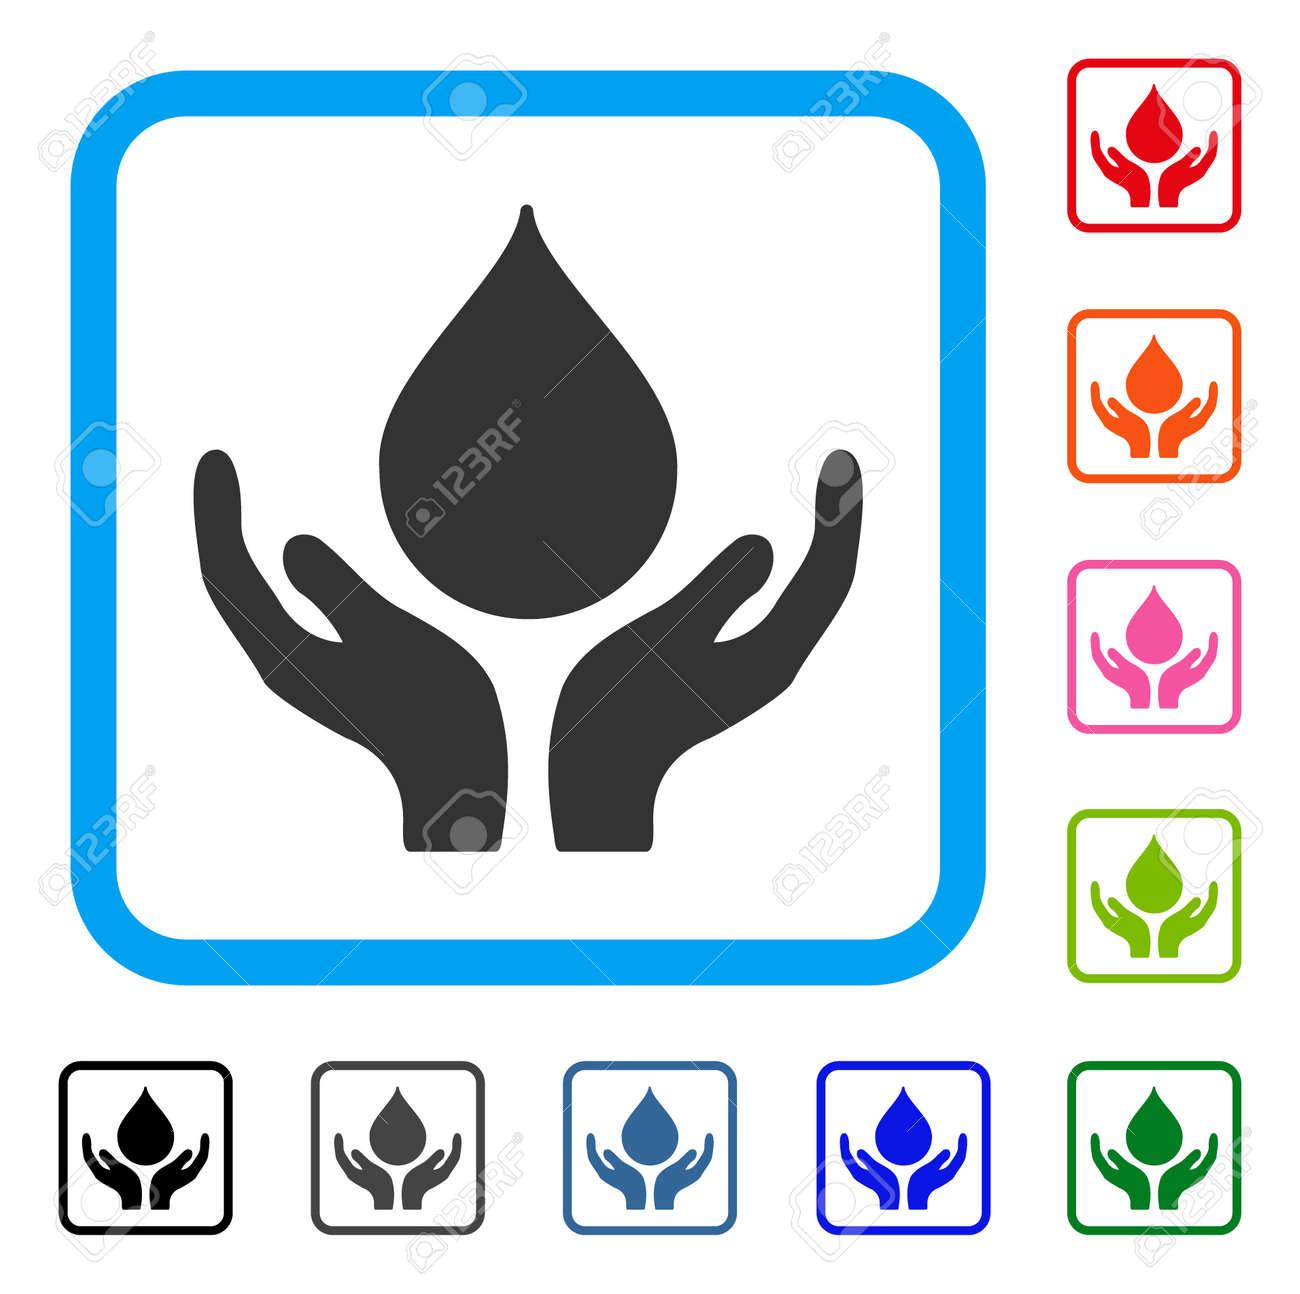 Icono De Manos De Donación De Sangre. Símbolo De Pictograma Gris ...